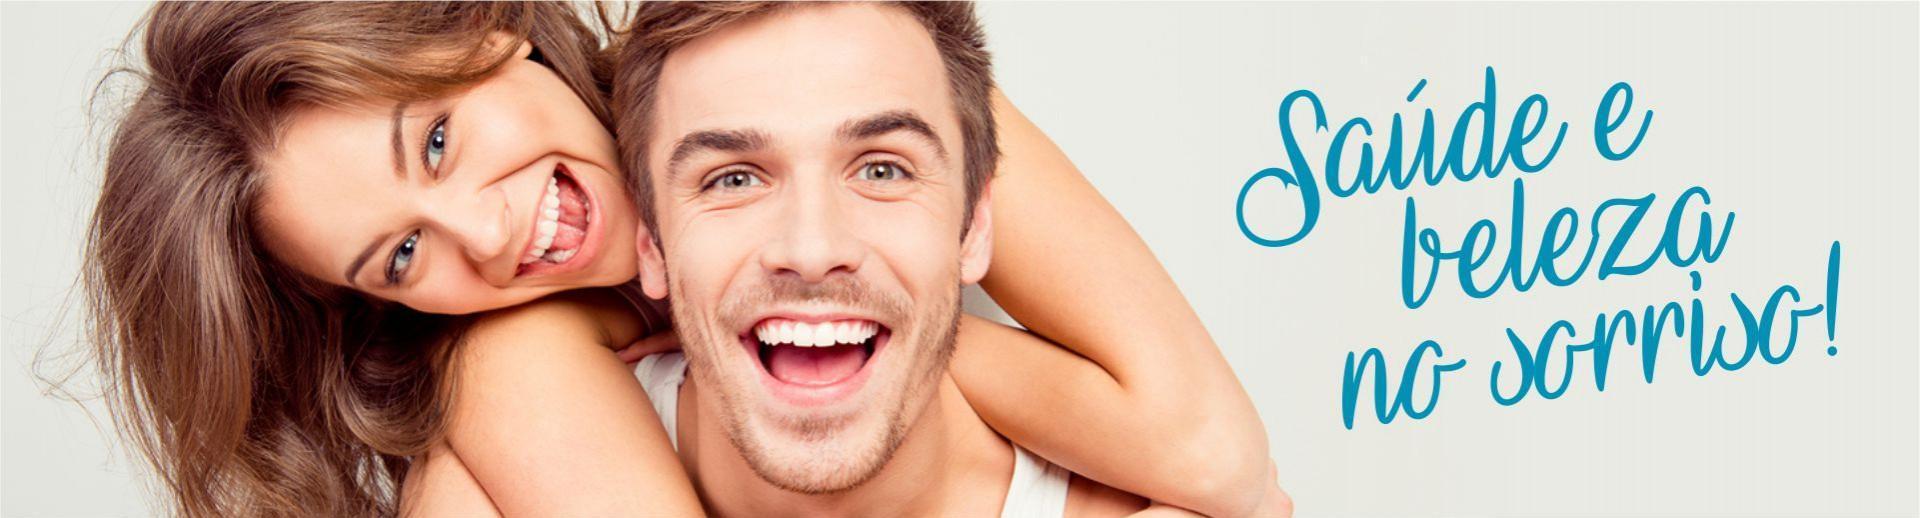 Saúde e beleza no sorriso